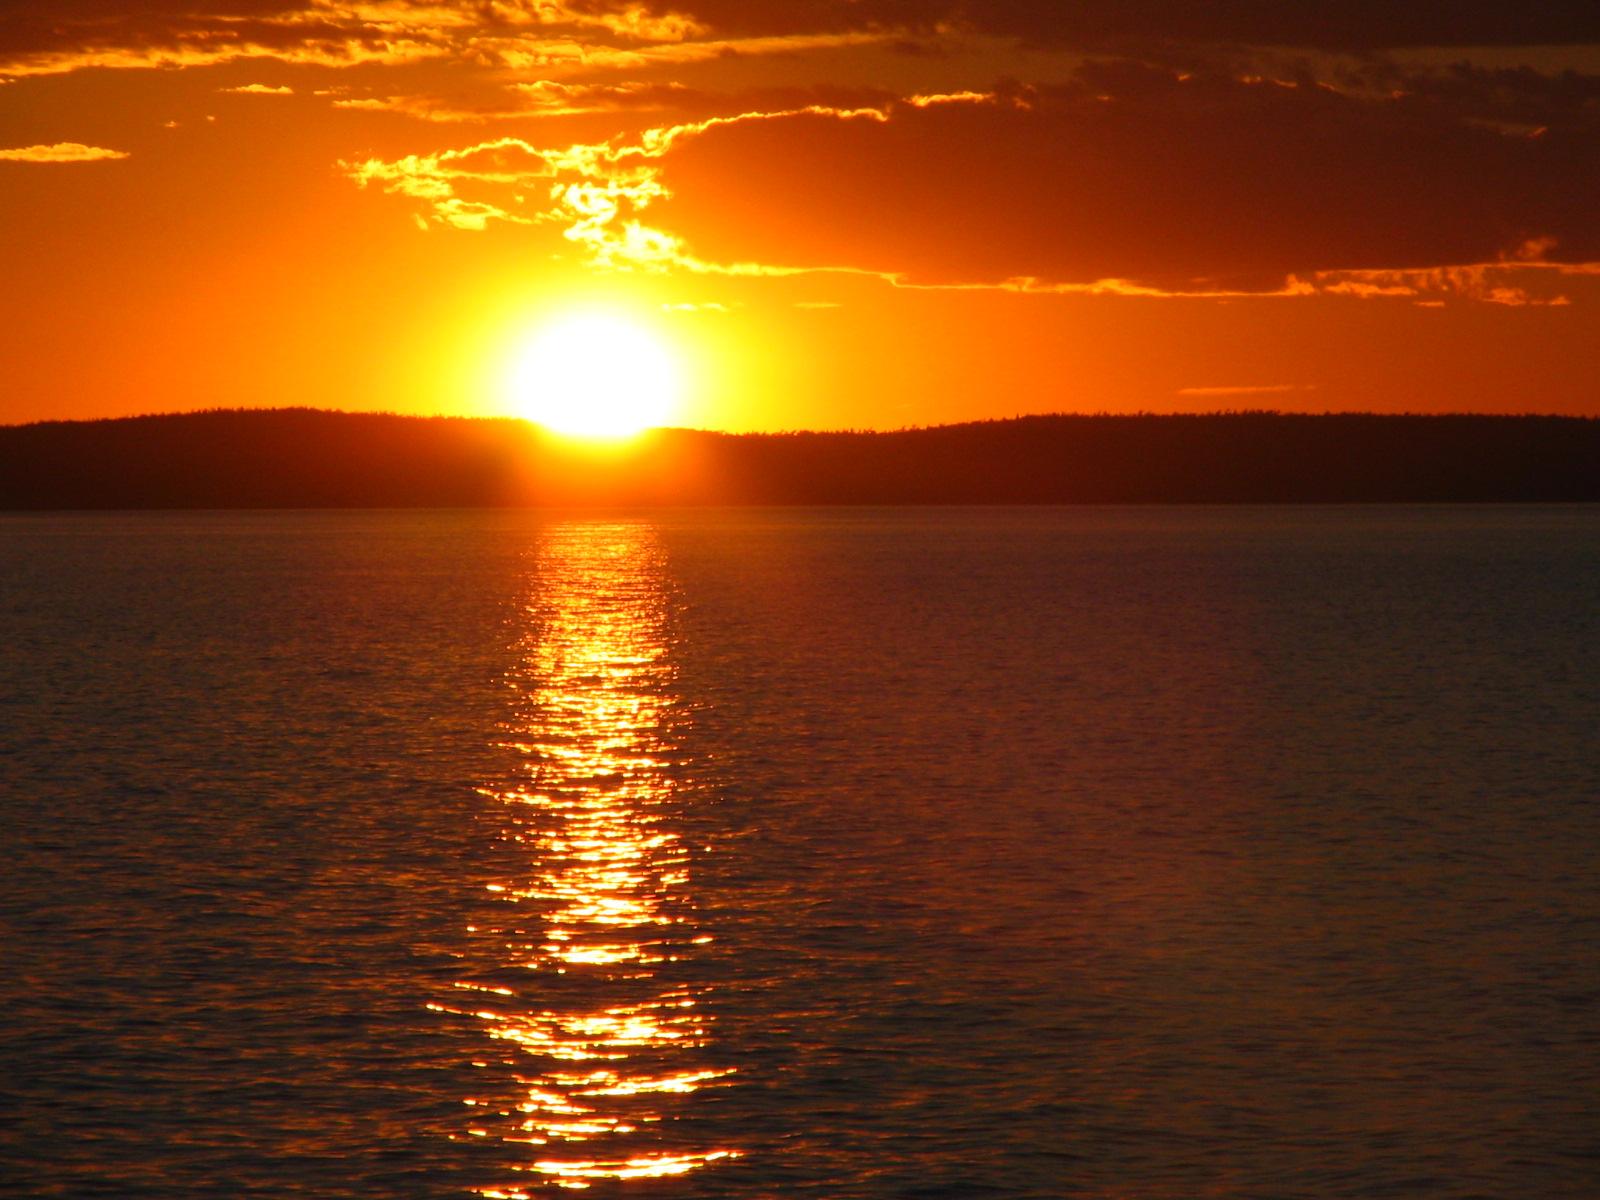 Vis le jour d aujourd hui pri re trouv e sur une s ur - Horaire coucher du soleil aujourd hui ...